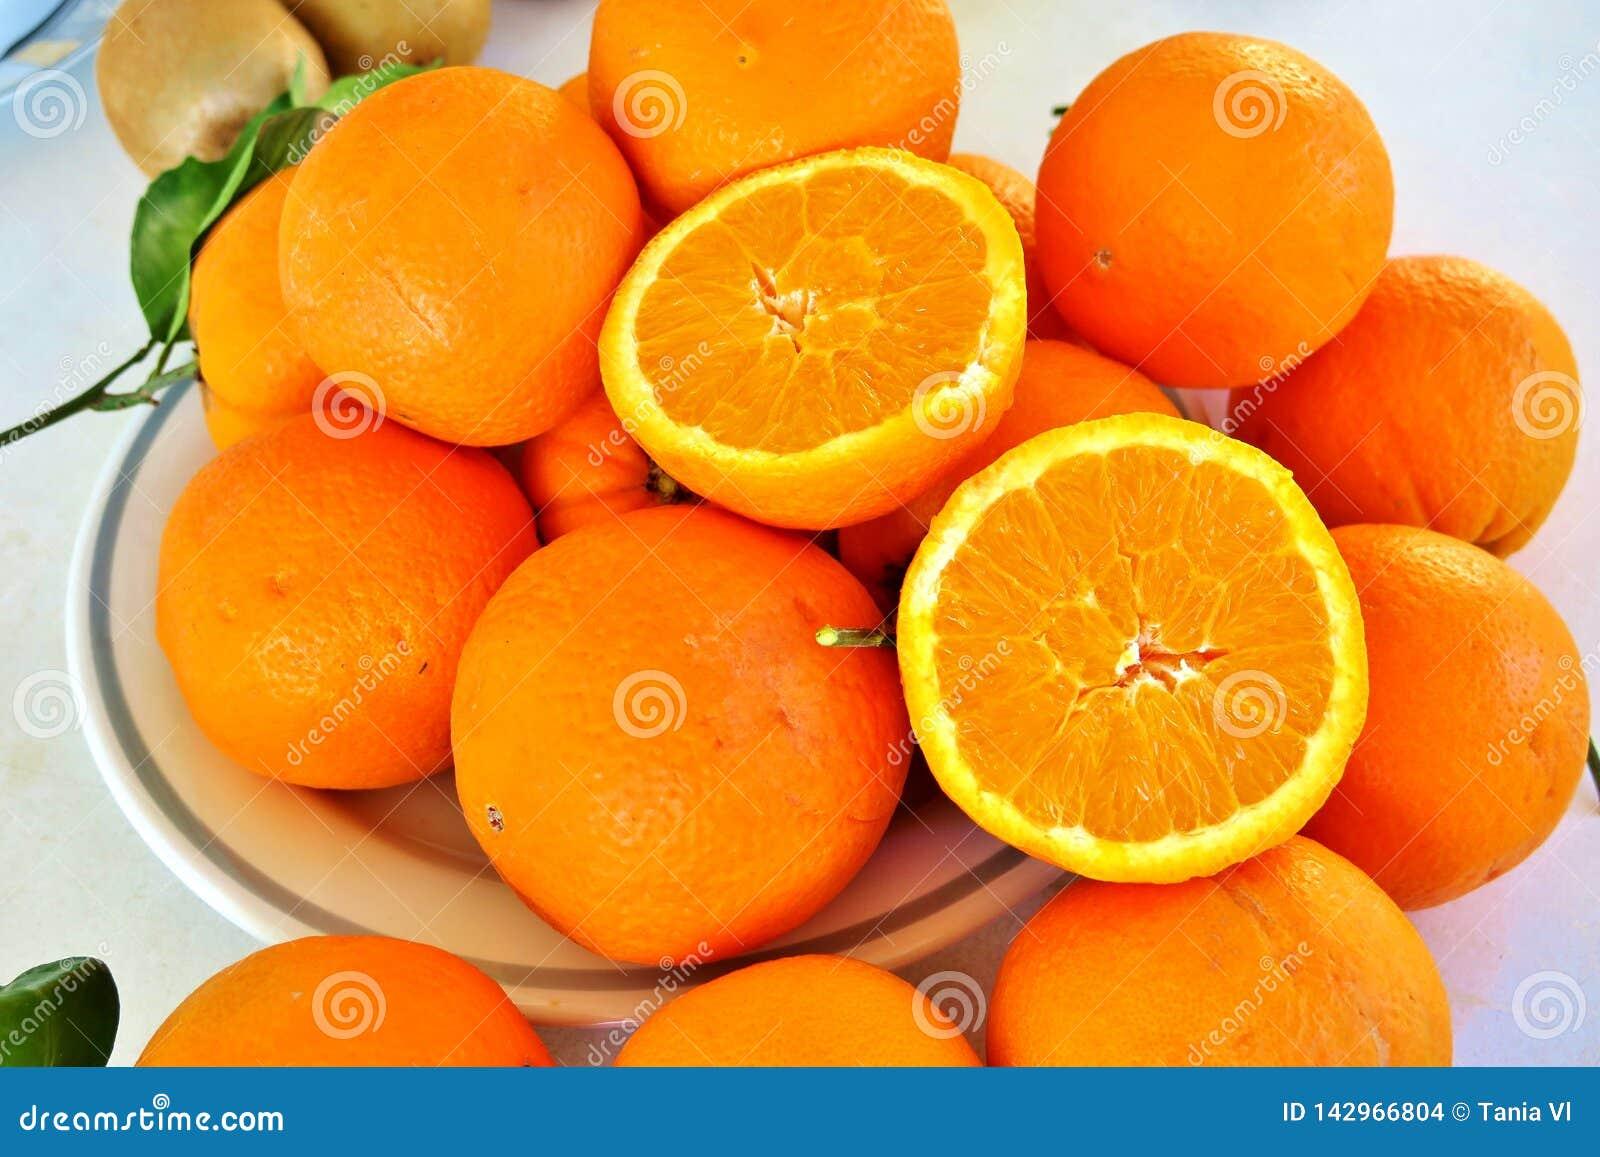 Pomarańczowe duże dojrzałe pomarańcze, zdrowotny witamina sok